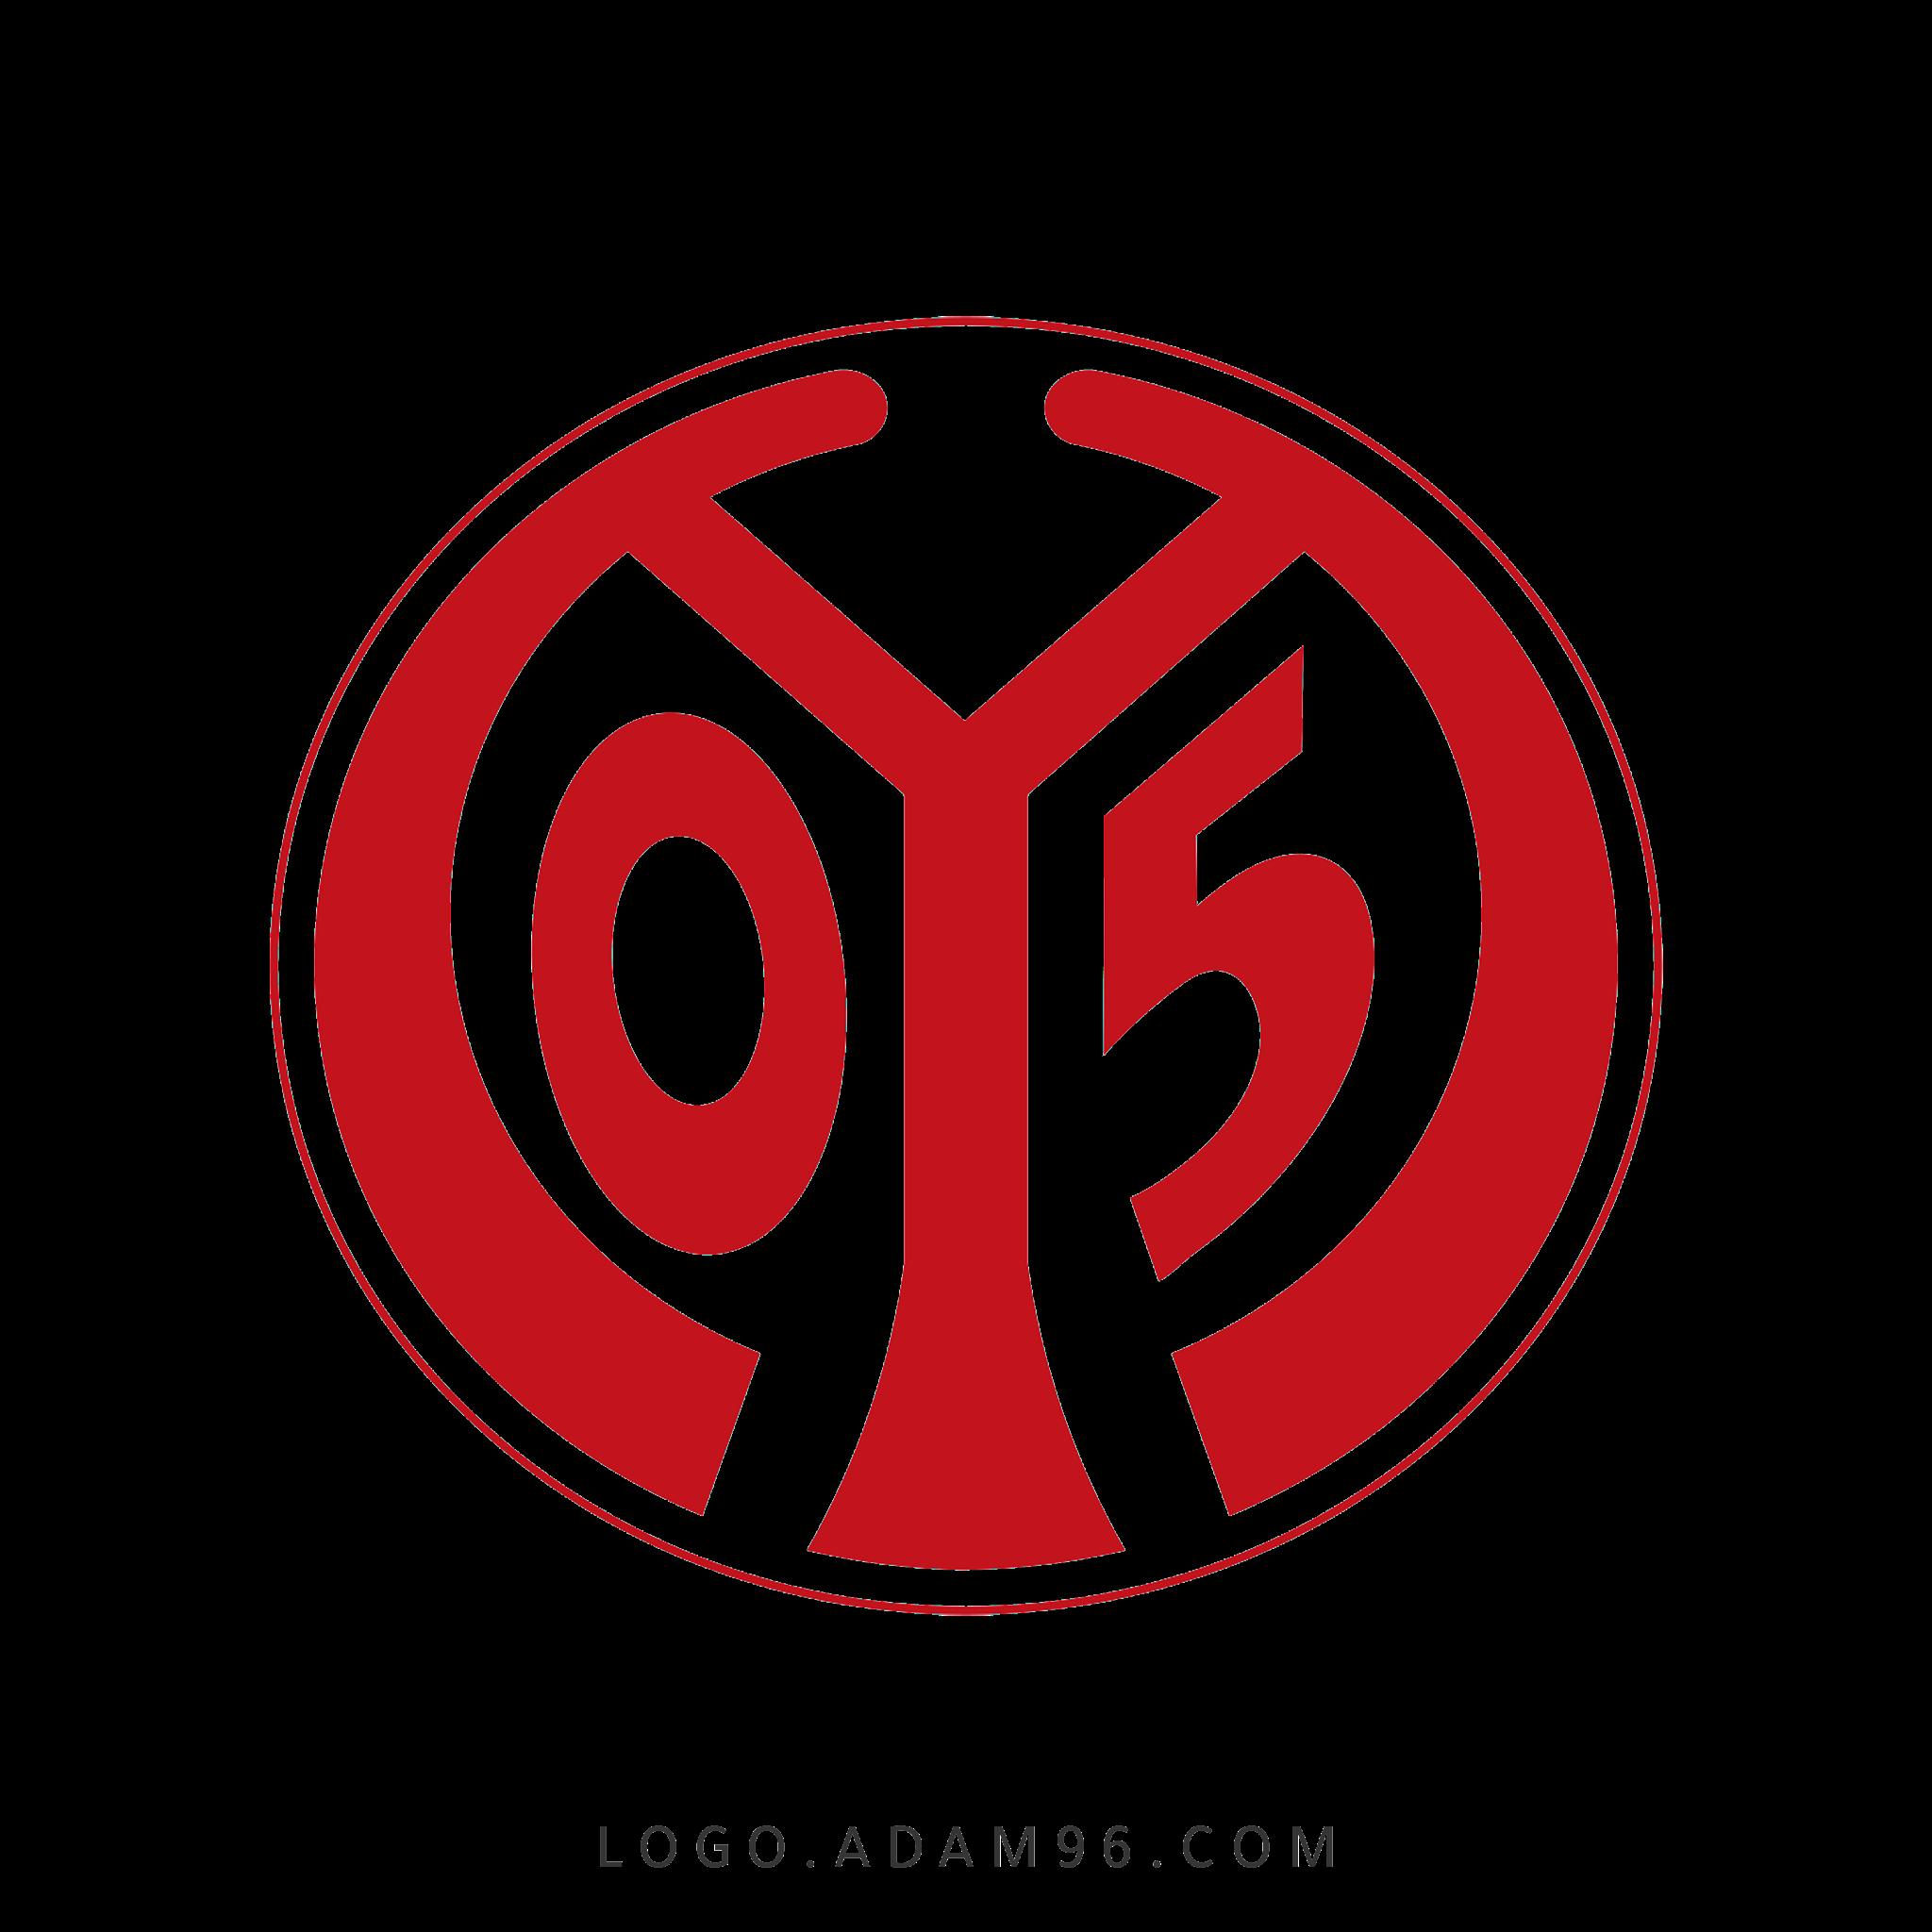 تحميل شعار نادي ماينتس لكرة القدم لوجو اصلي عالي الدقة بصيغة شفافة Logo Mainz PNG